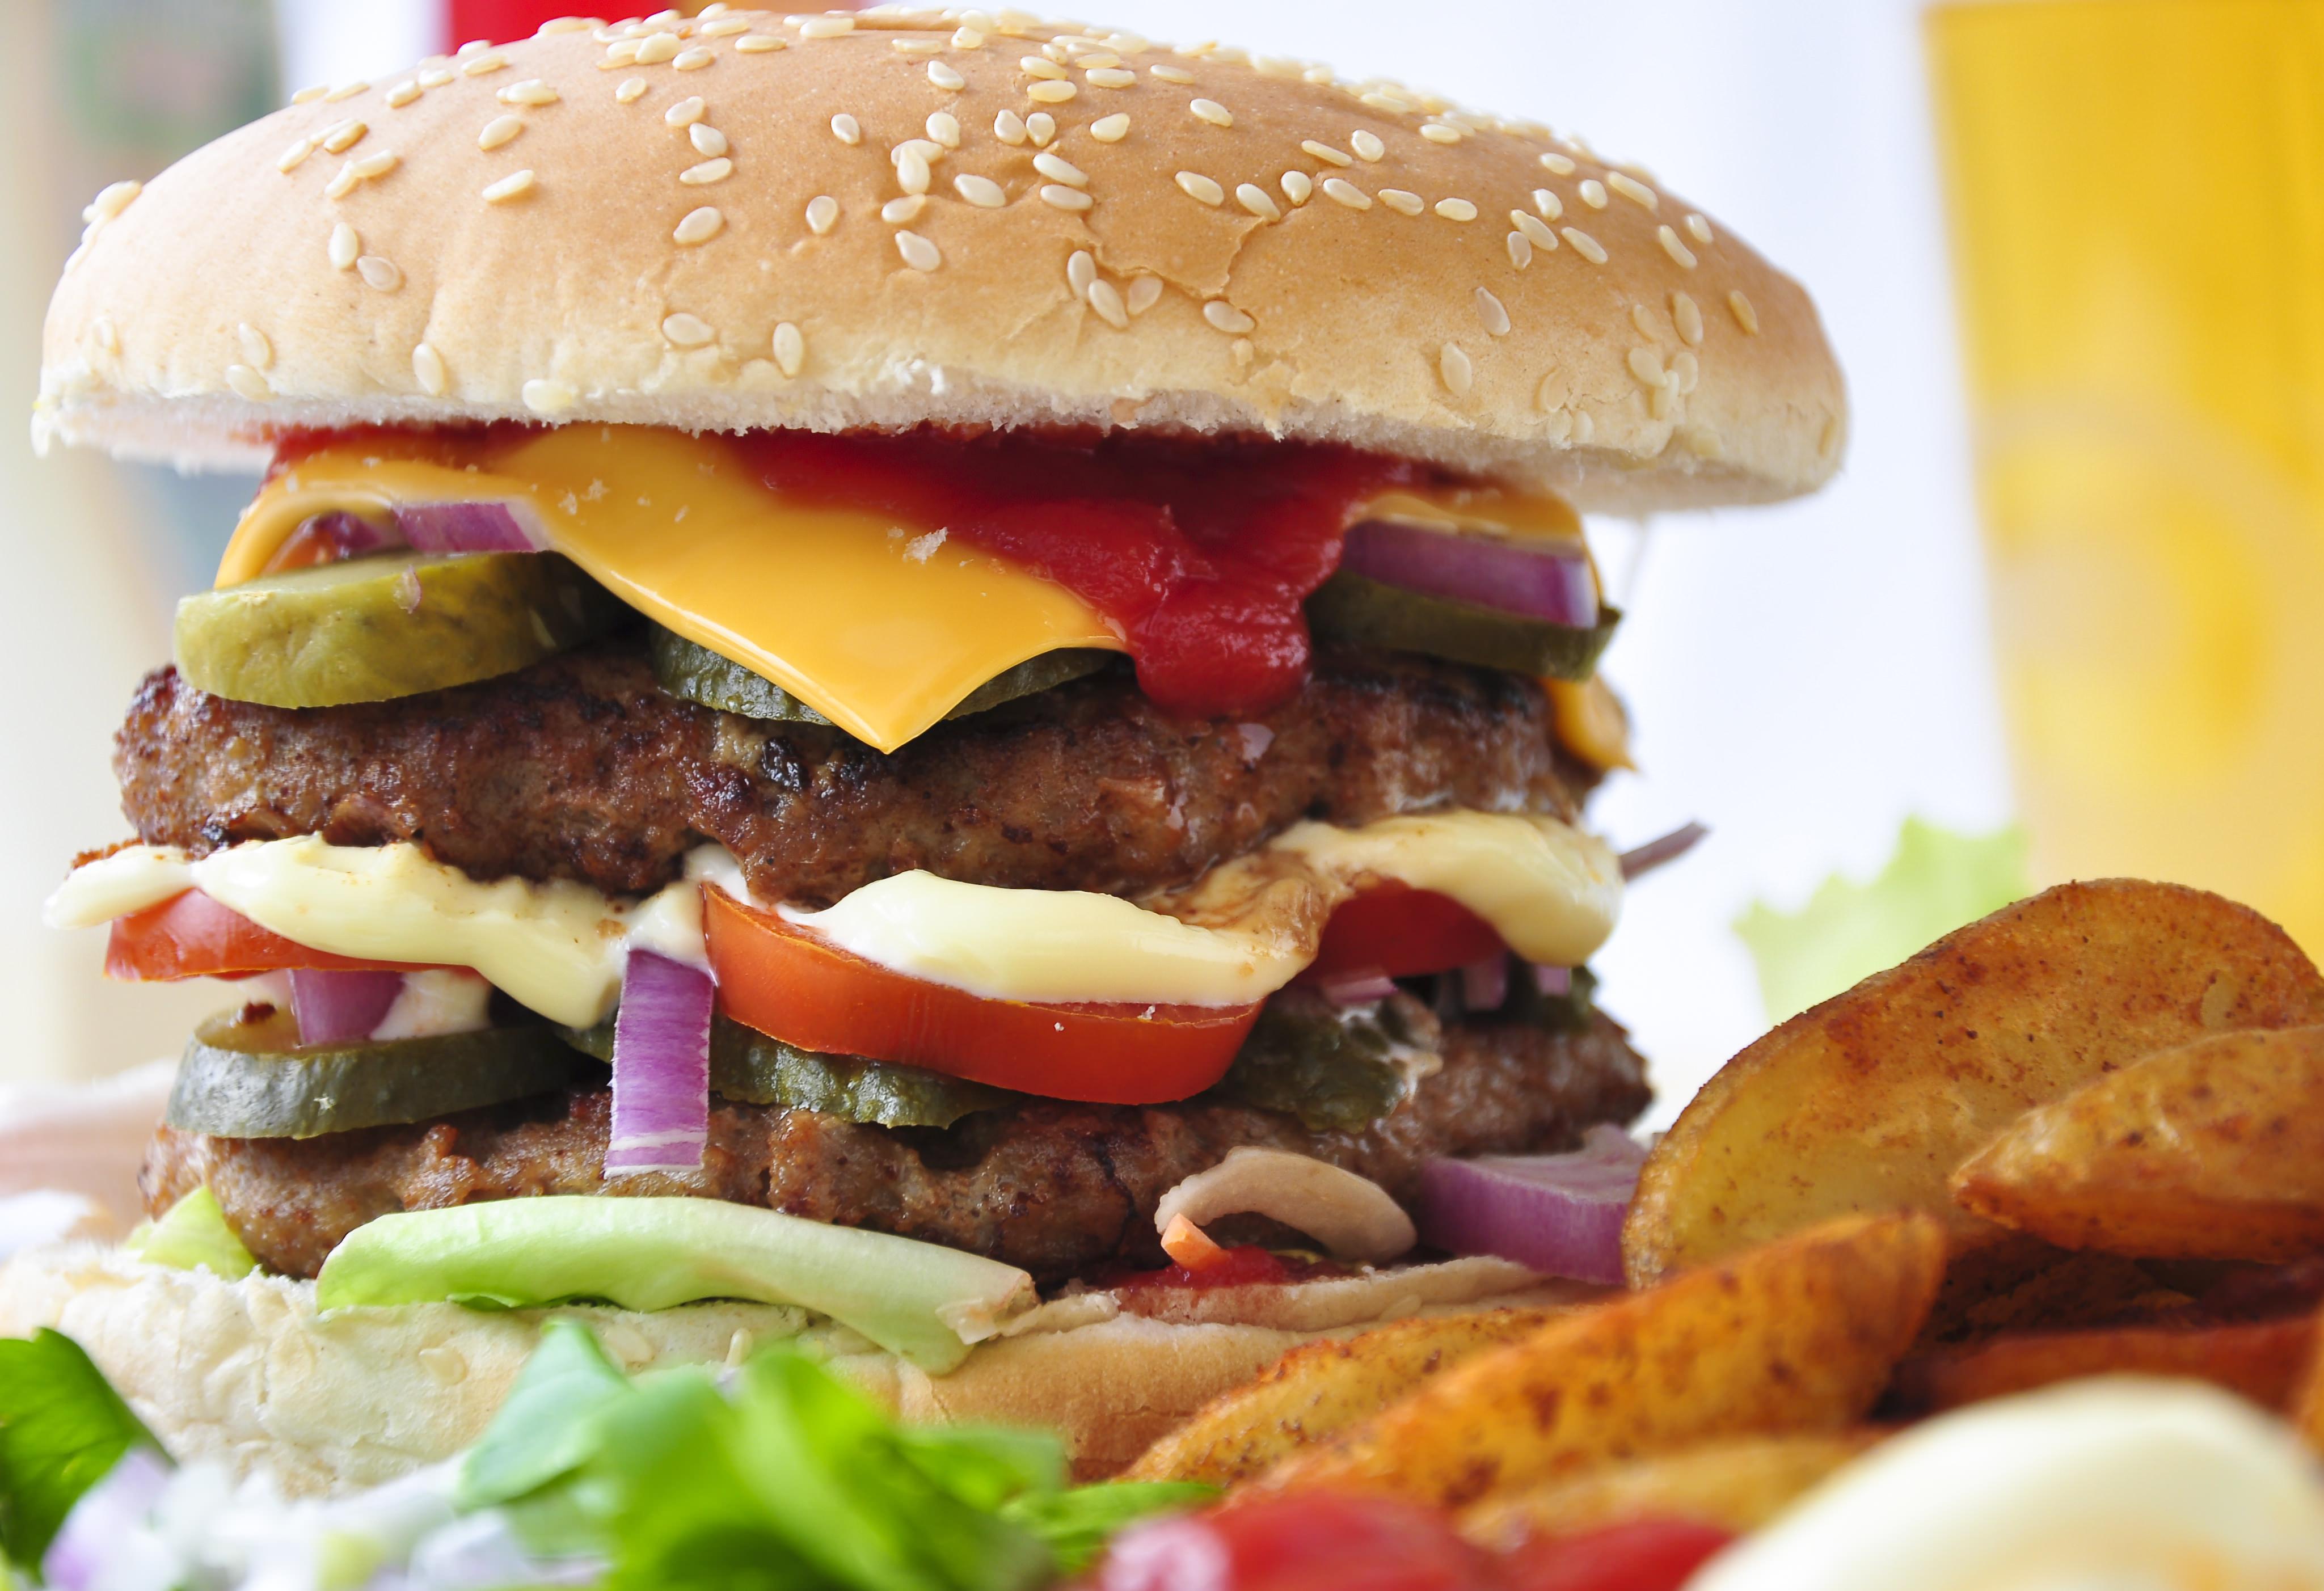 Burger Kochkurs - Erlebnisse-burger-kochkurs - Einmalige Erlebnisse